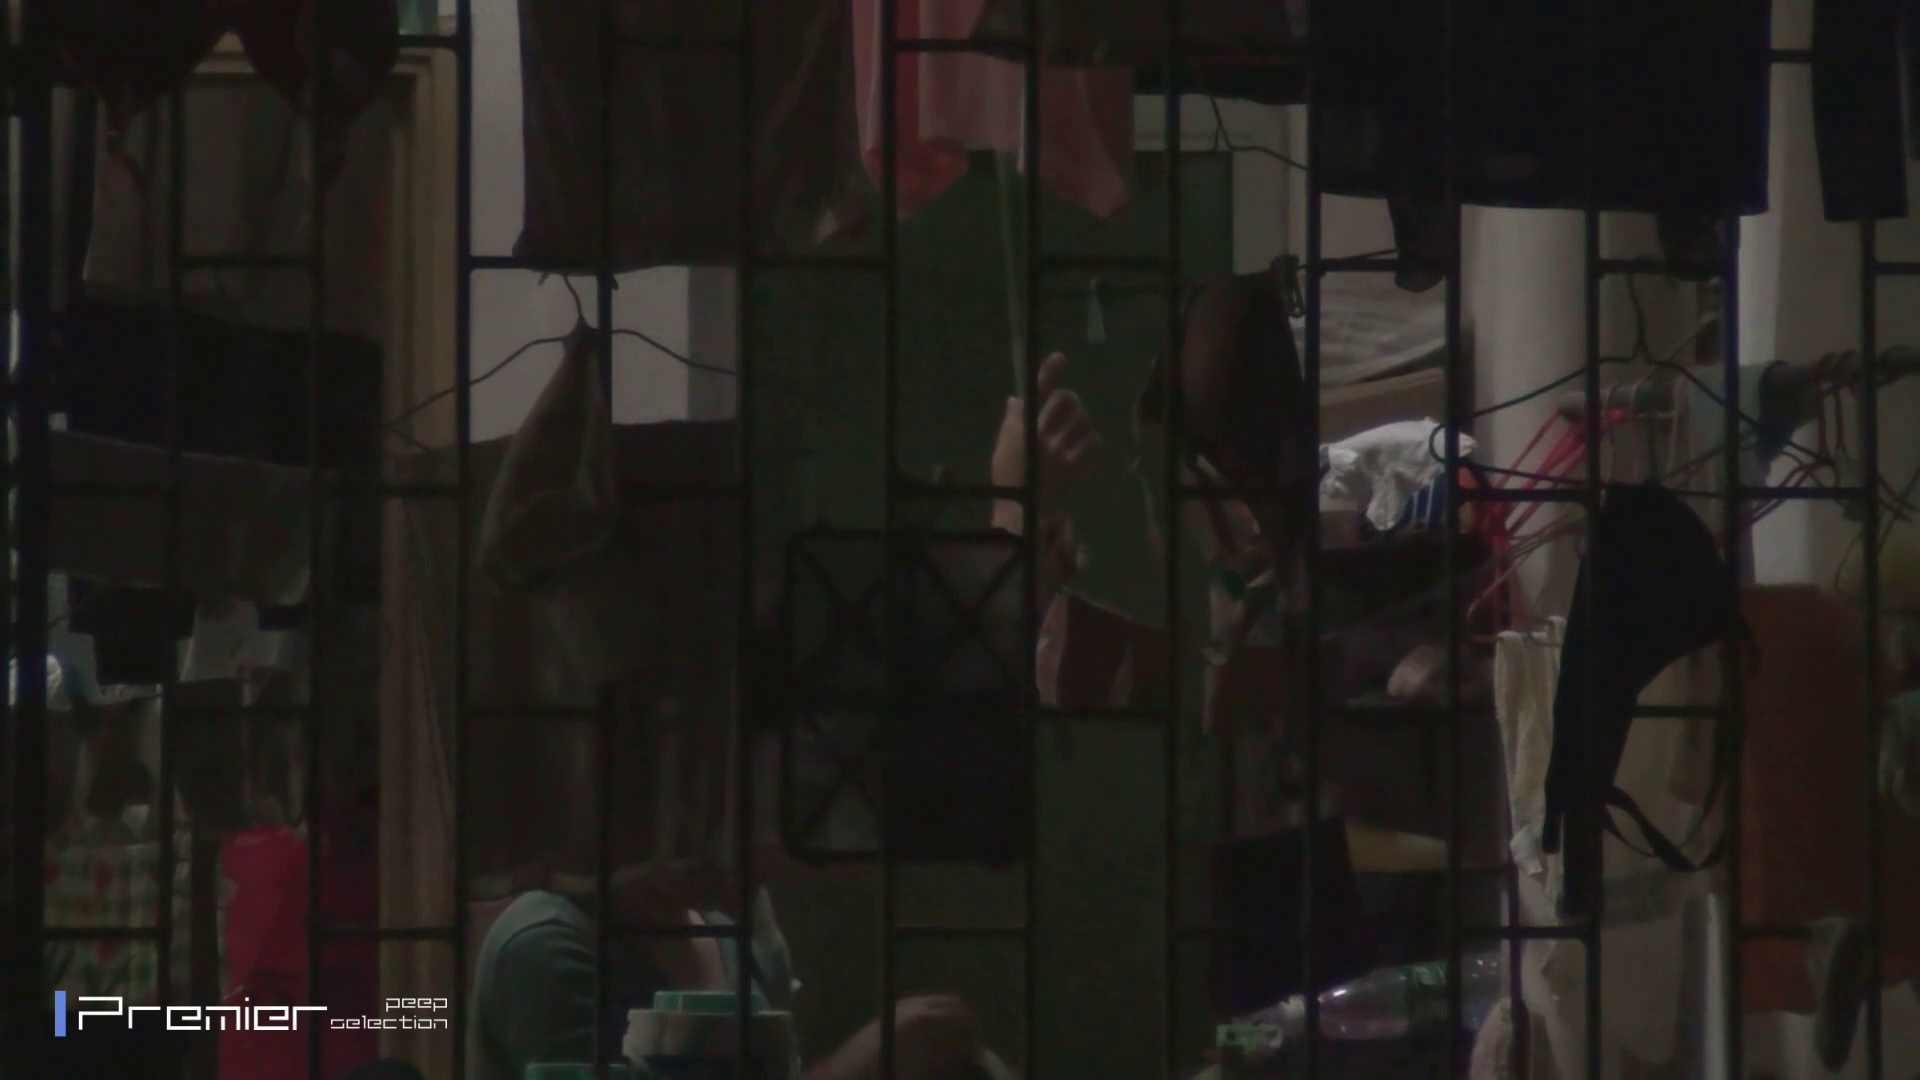 美女の痴態に密着!洗濯物を干す女 Vol.07 パンチラ オマンコ無修正動画無料 30連発 27